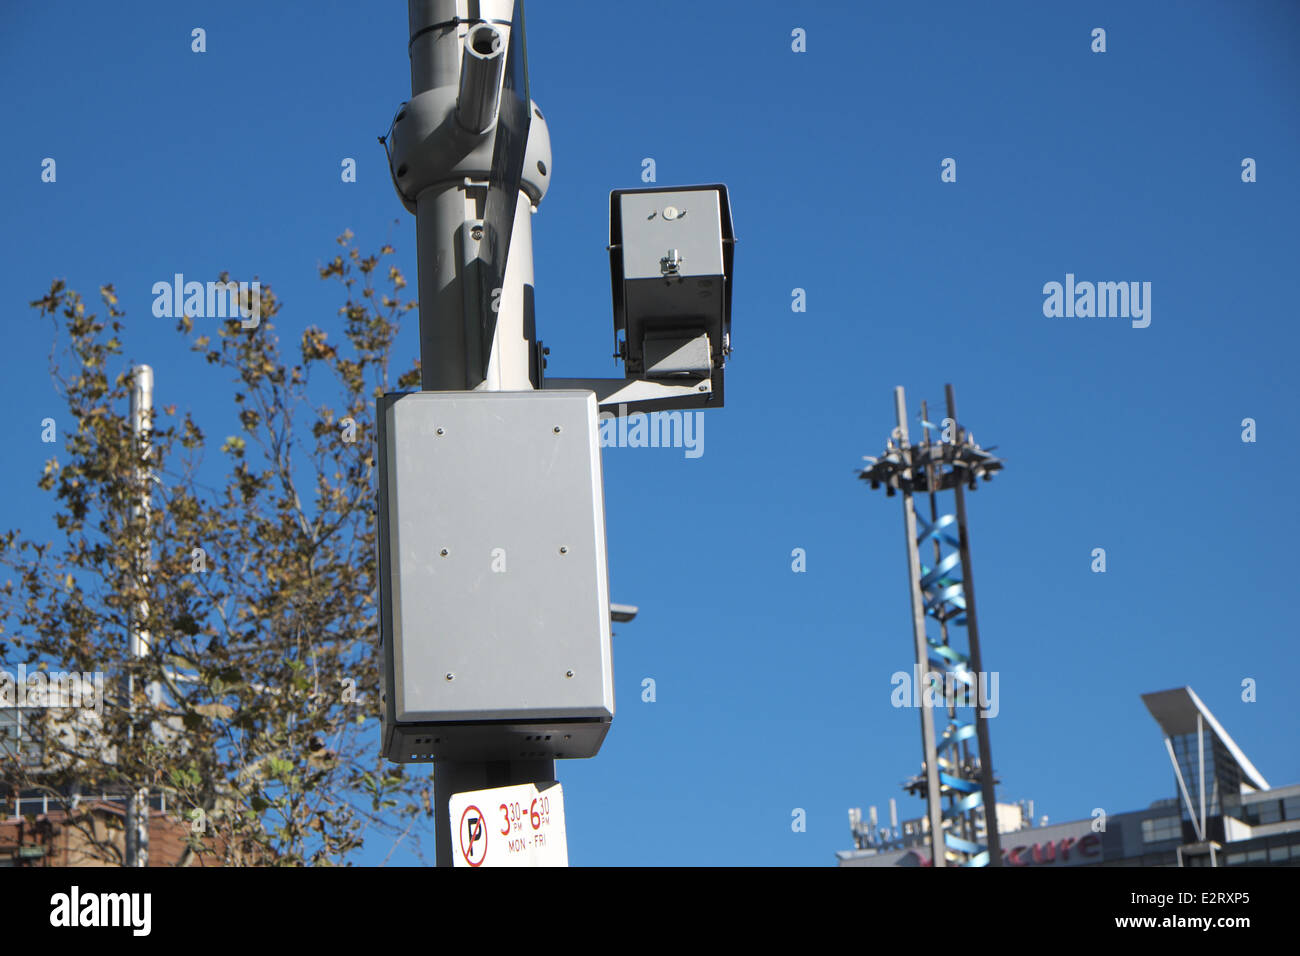 australia m1 Radar australiano arrecada 5 milhões de dólares em menos de dois meses